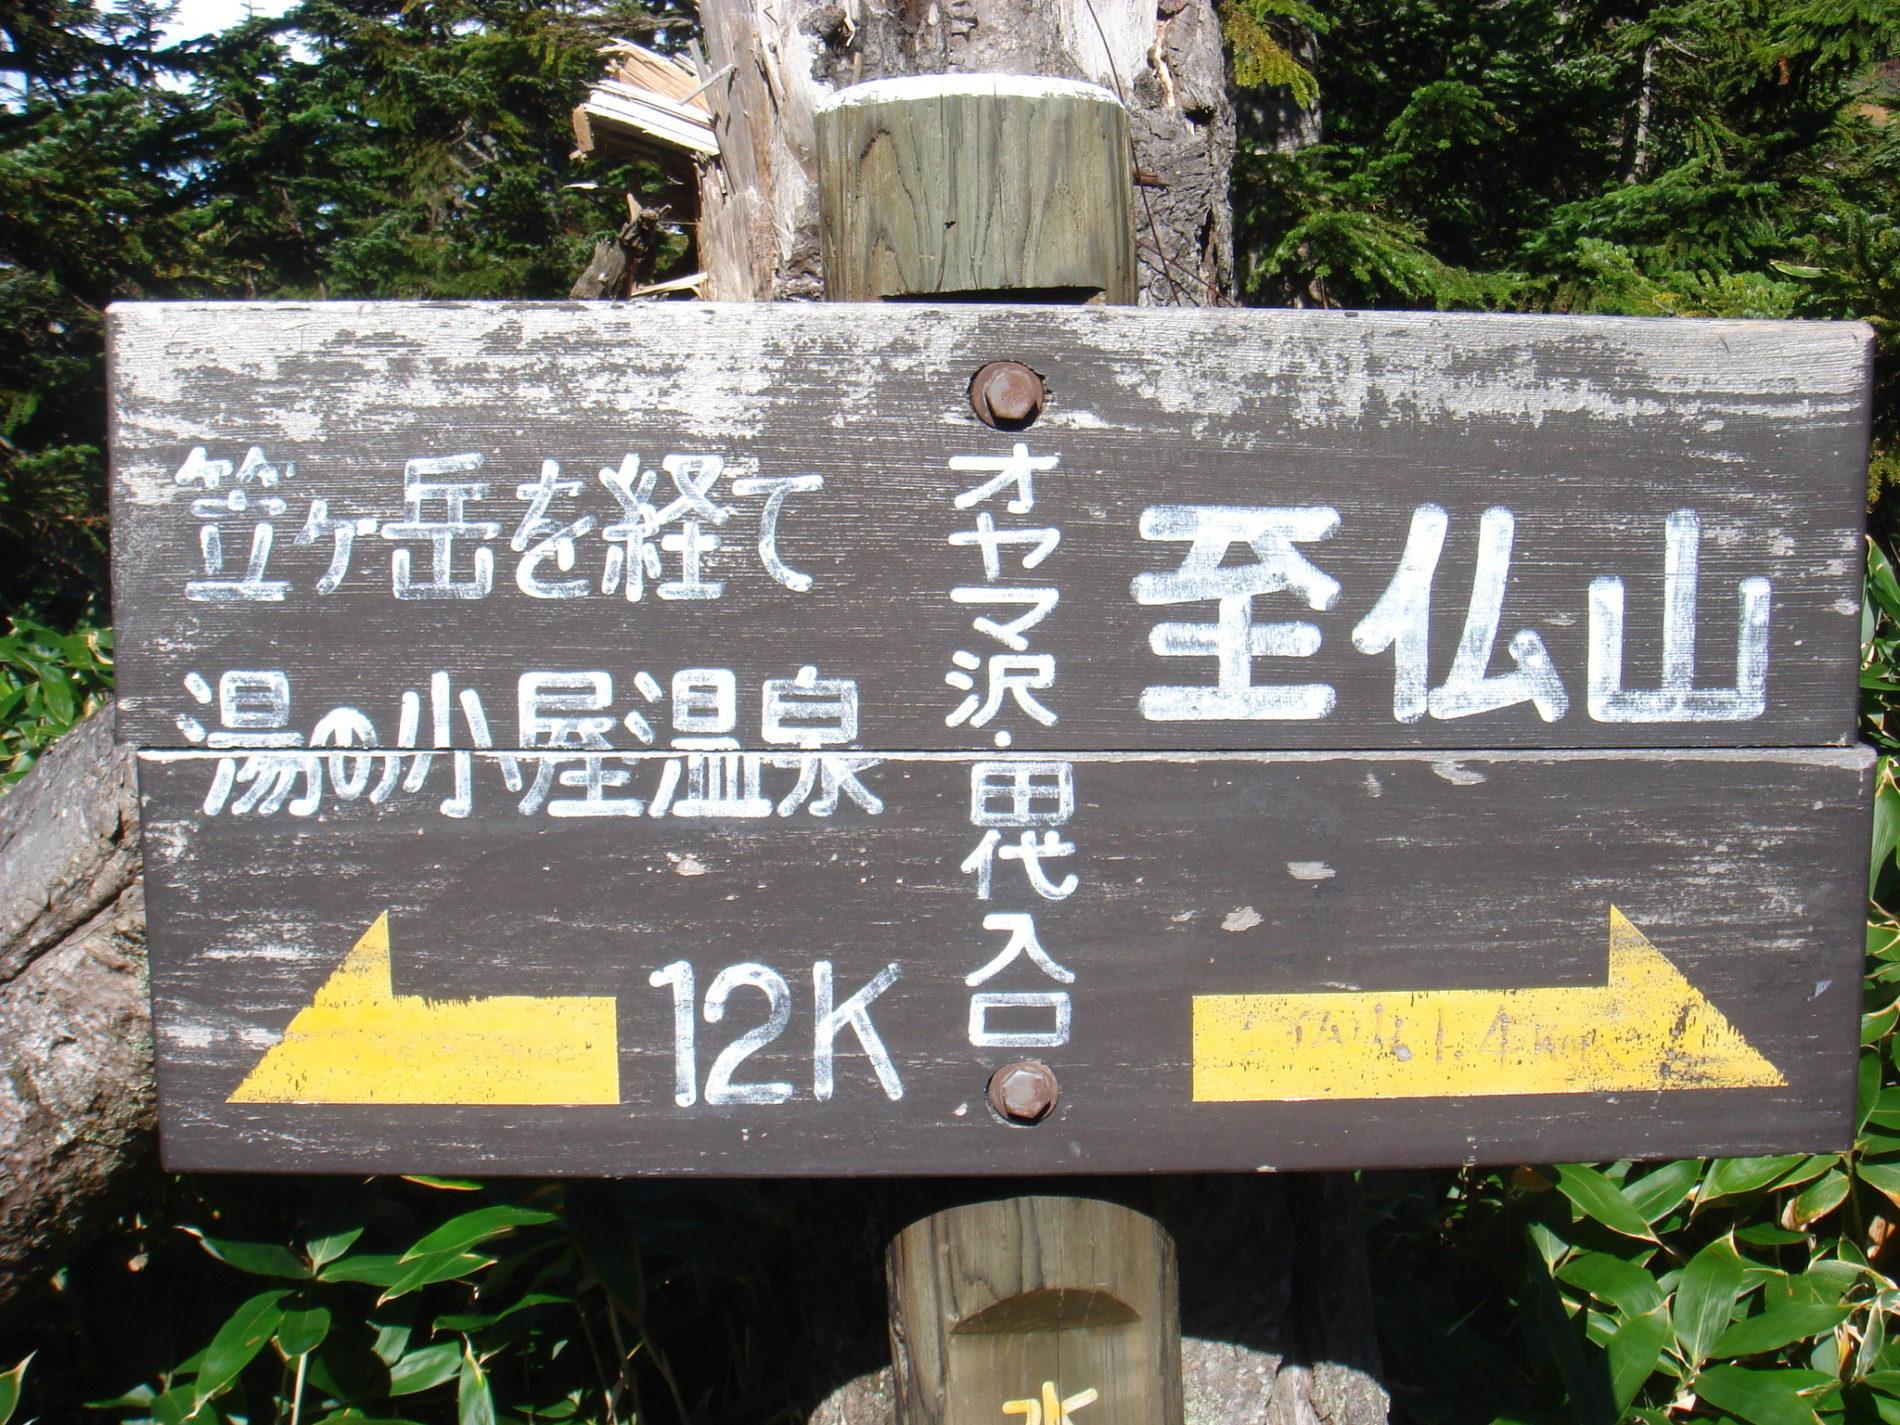 至仏山 小至仏山〜オヤマ沢田代分岐